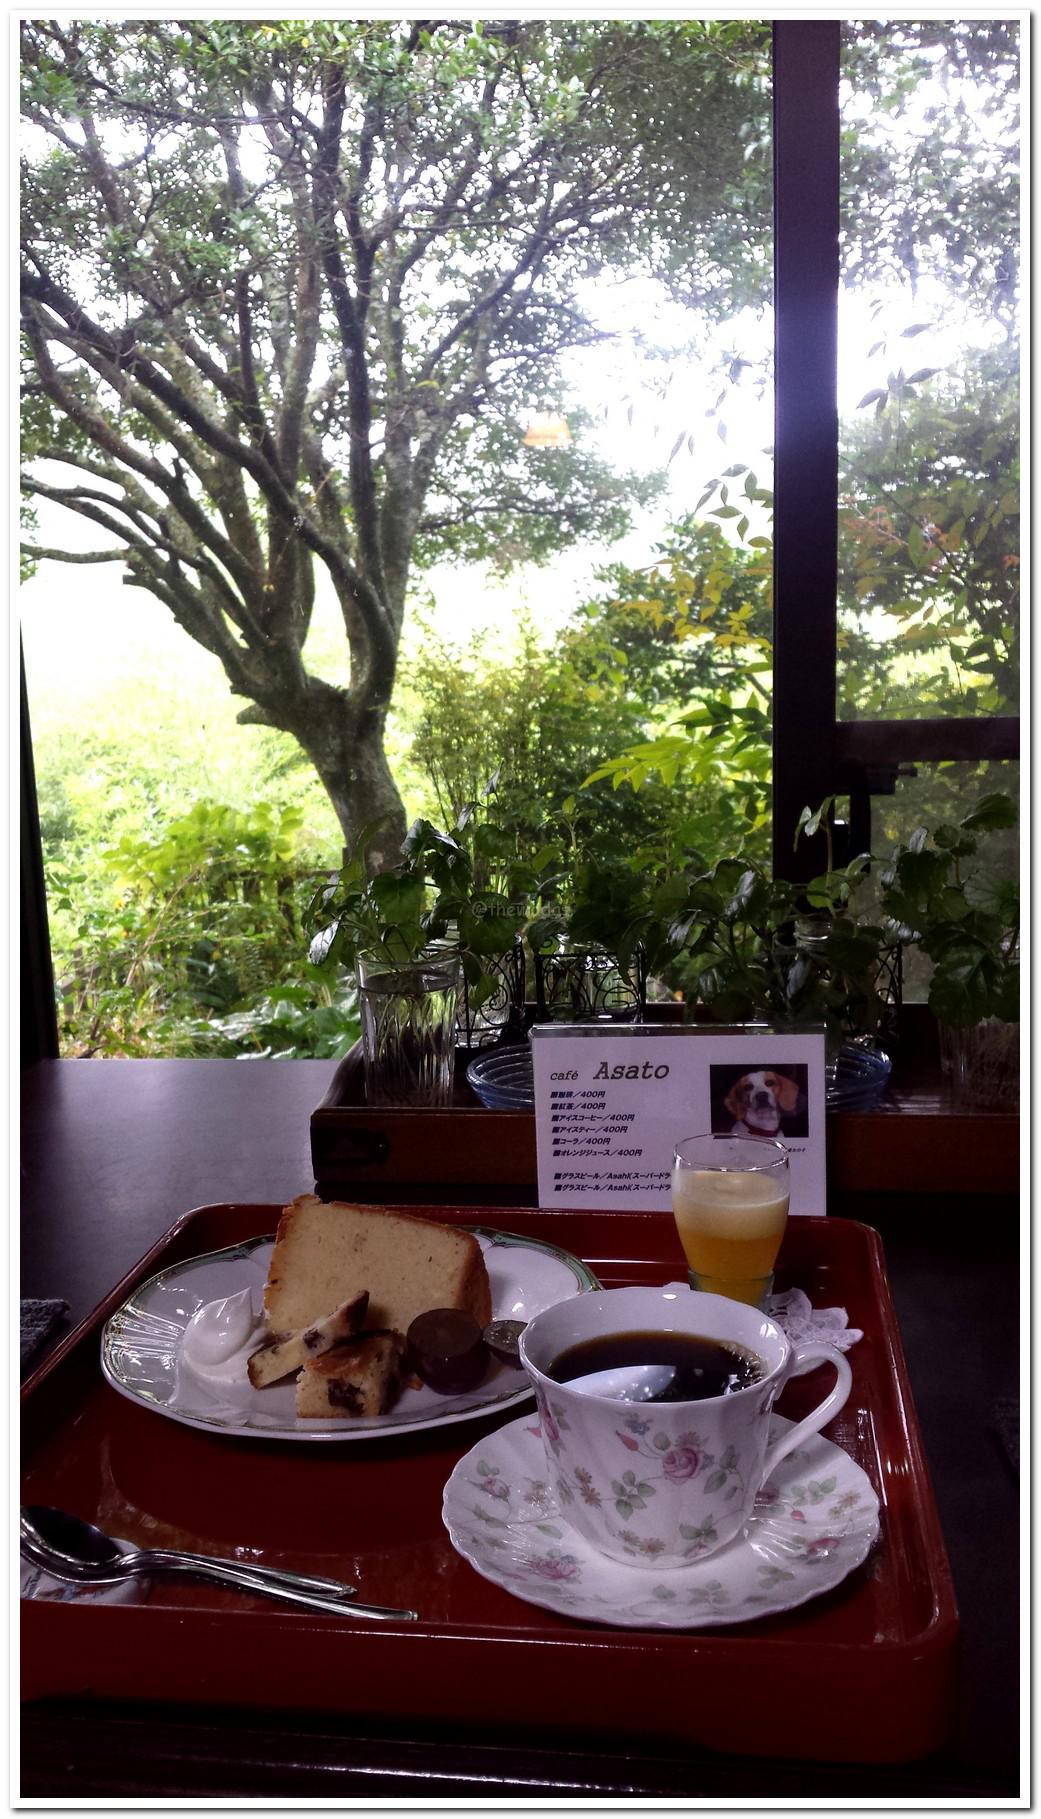 Kominka Cafe Asato in Wake Town